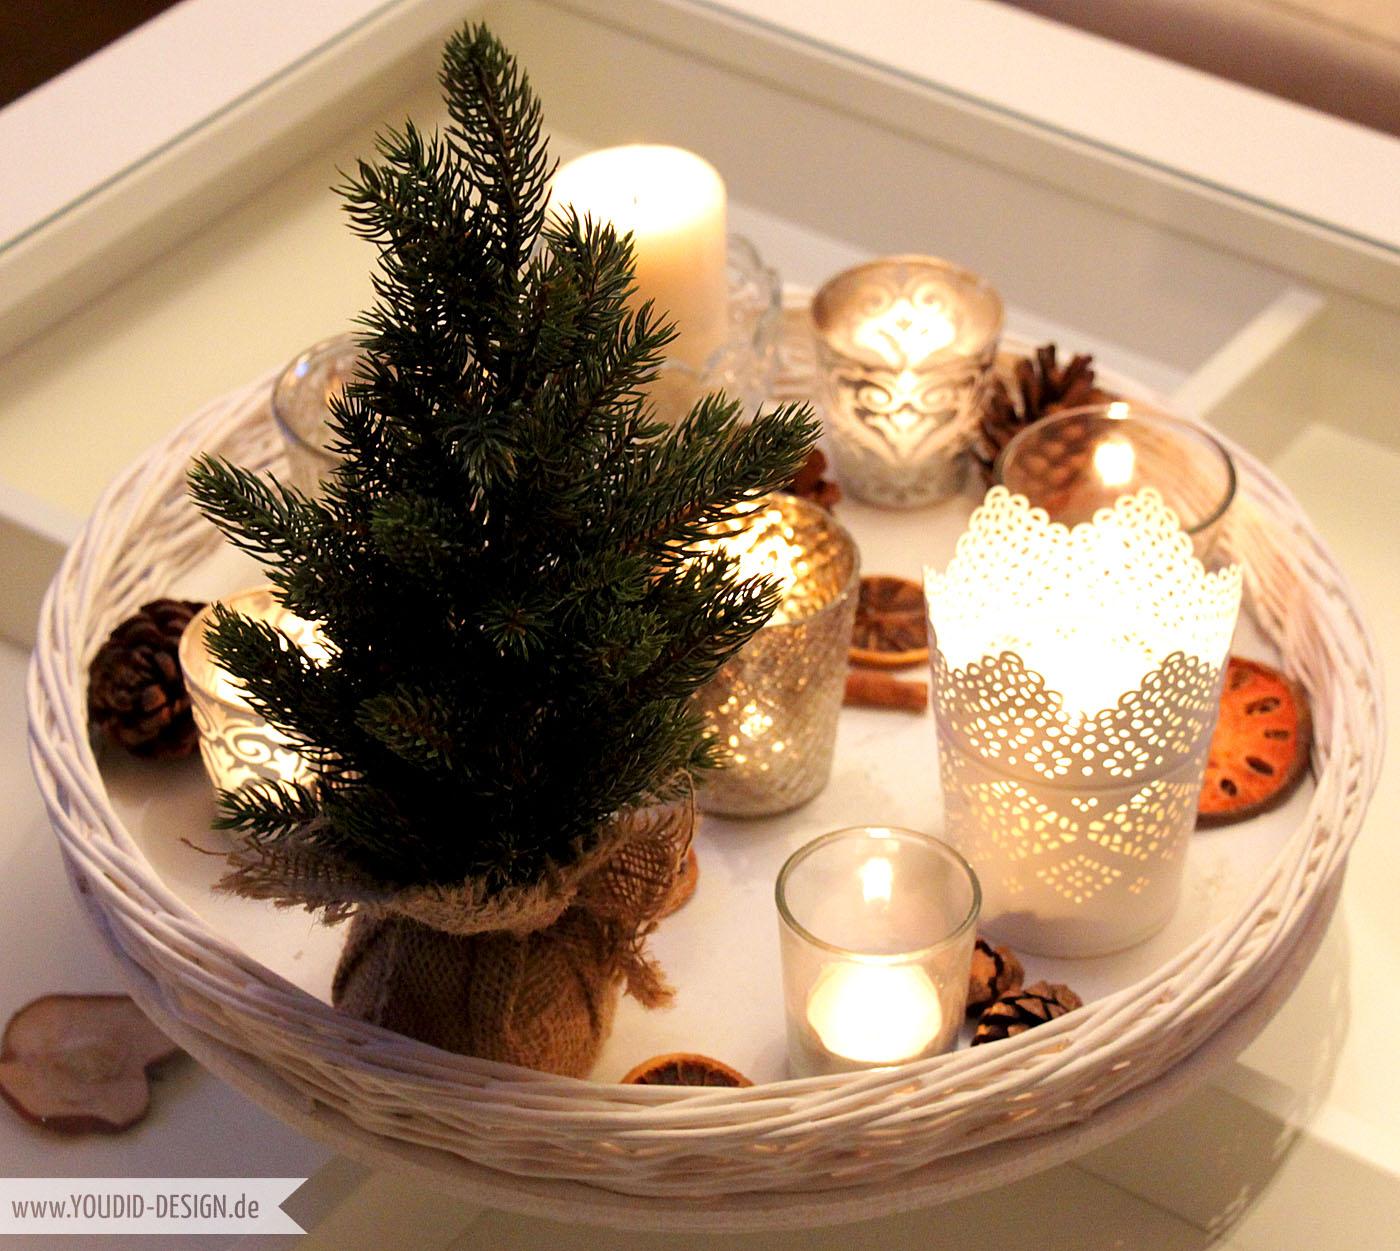 Ikea Weihnachtsdeko weihnachtsdekoration youdid design